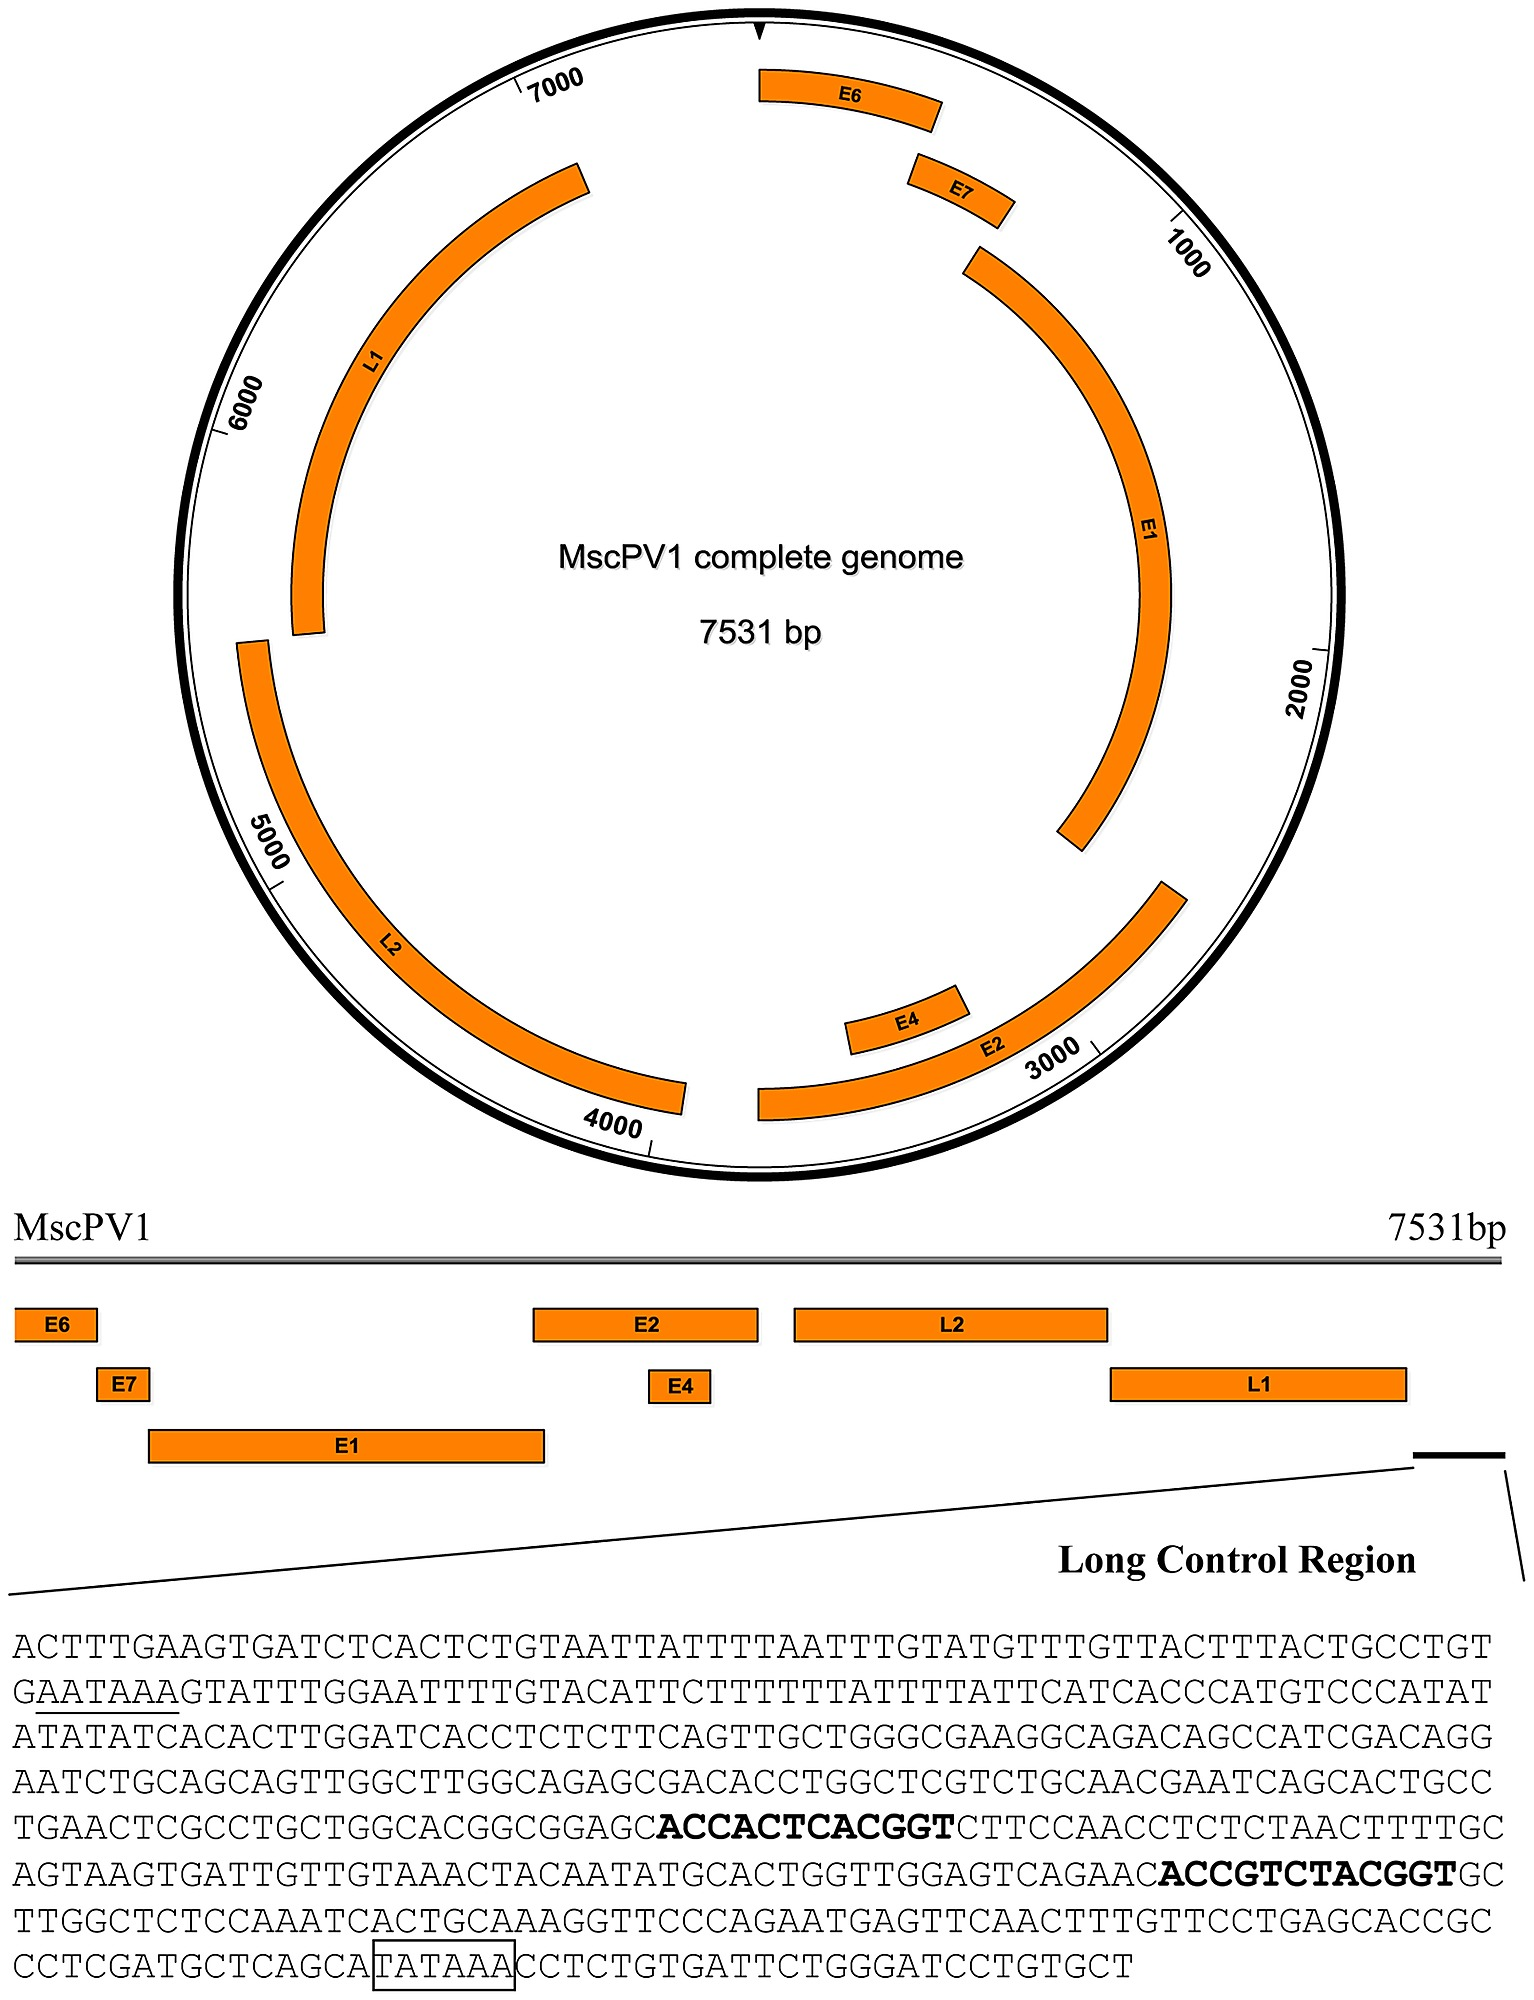 papillomavirus circular genome cancer laringian stadiu 4